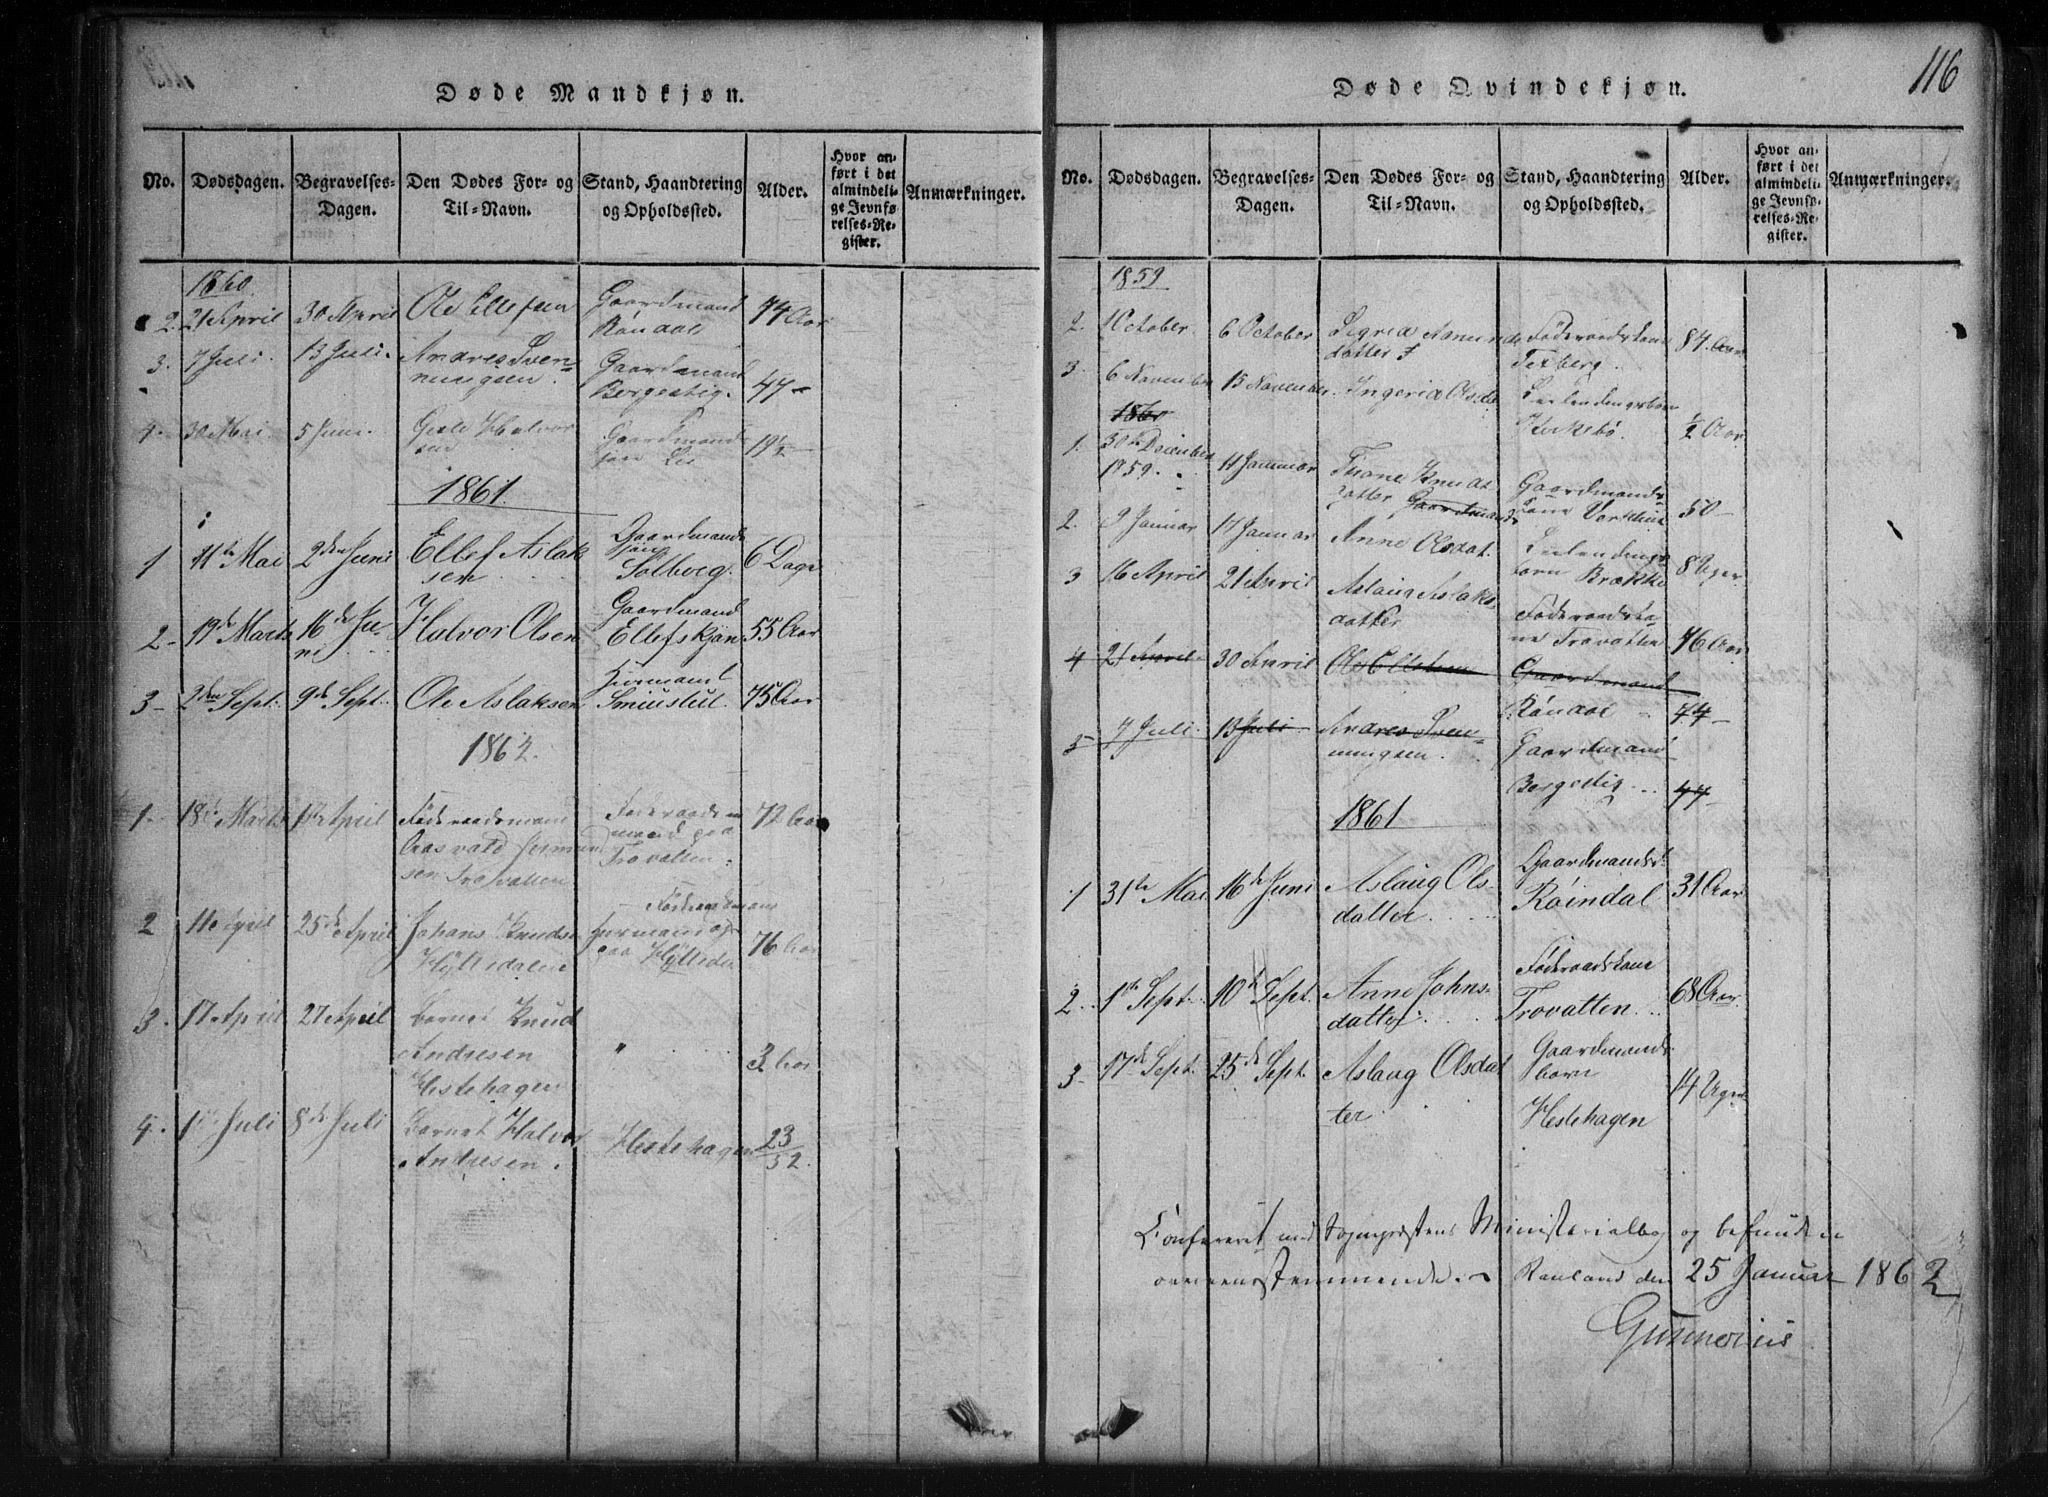 SAKO, Rauland kirkebøker, G/Gb/L0001: Klokkerbok nr. II 1, 1815-1886, s. 116